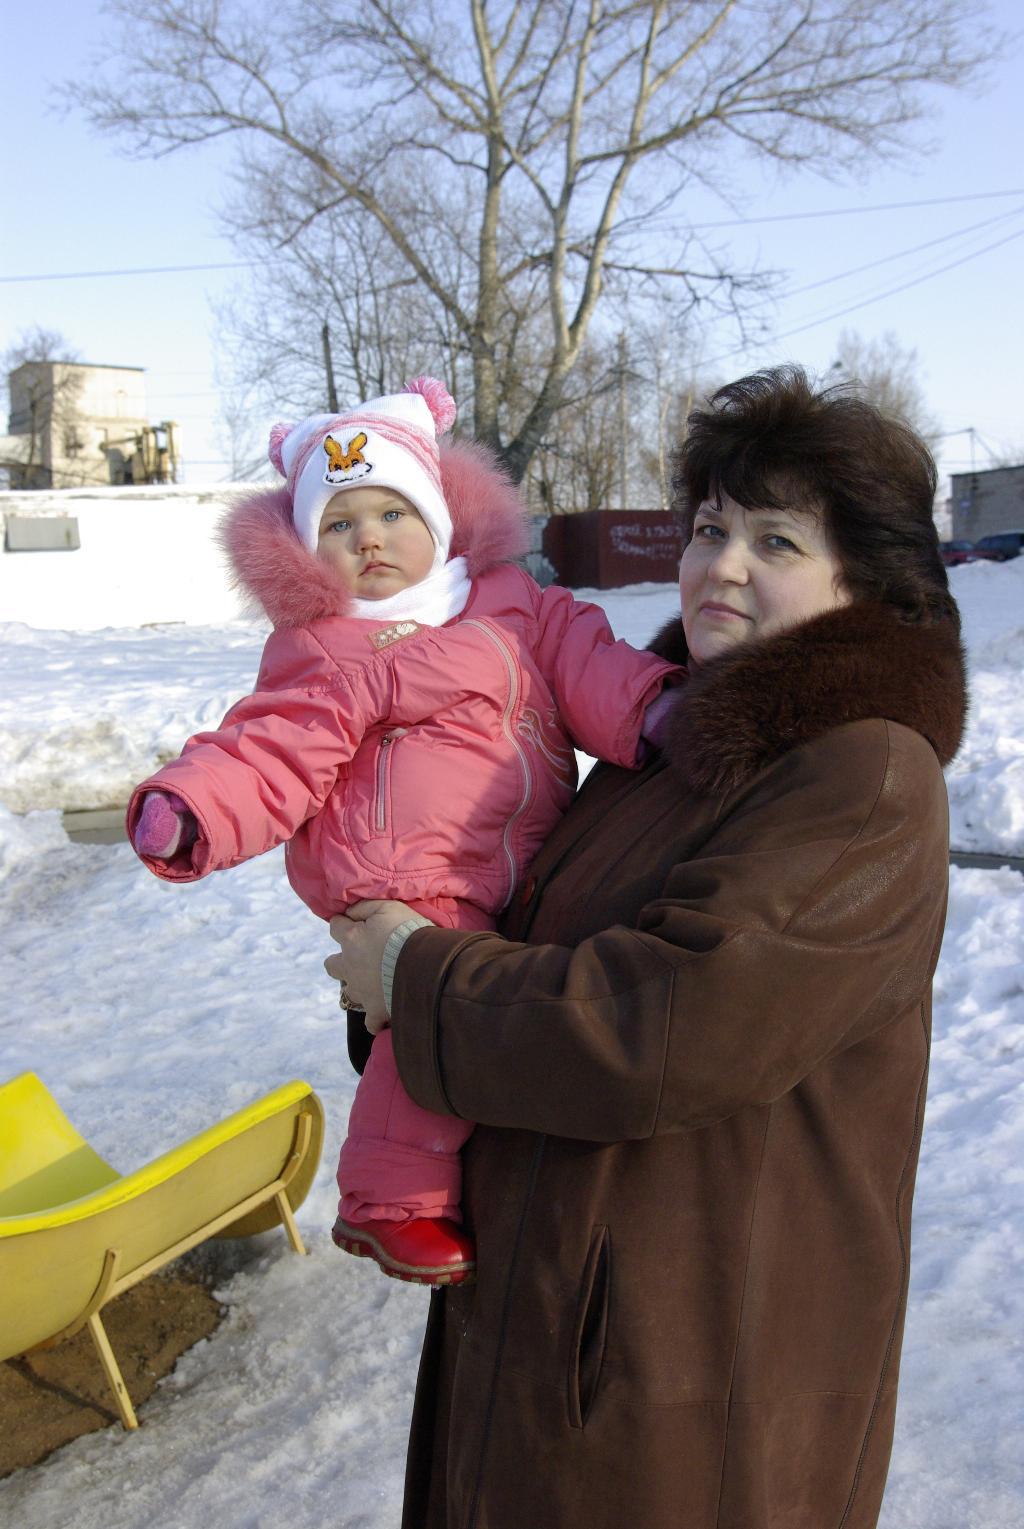 С любимой бабулей на прогулке. Стар и мал